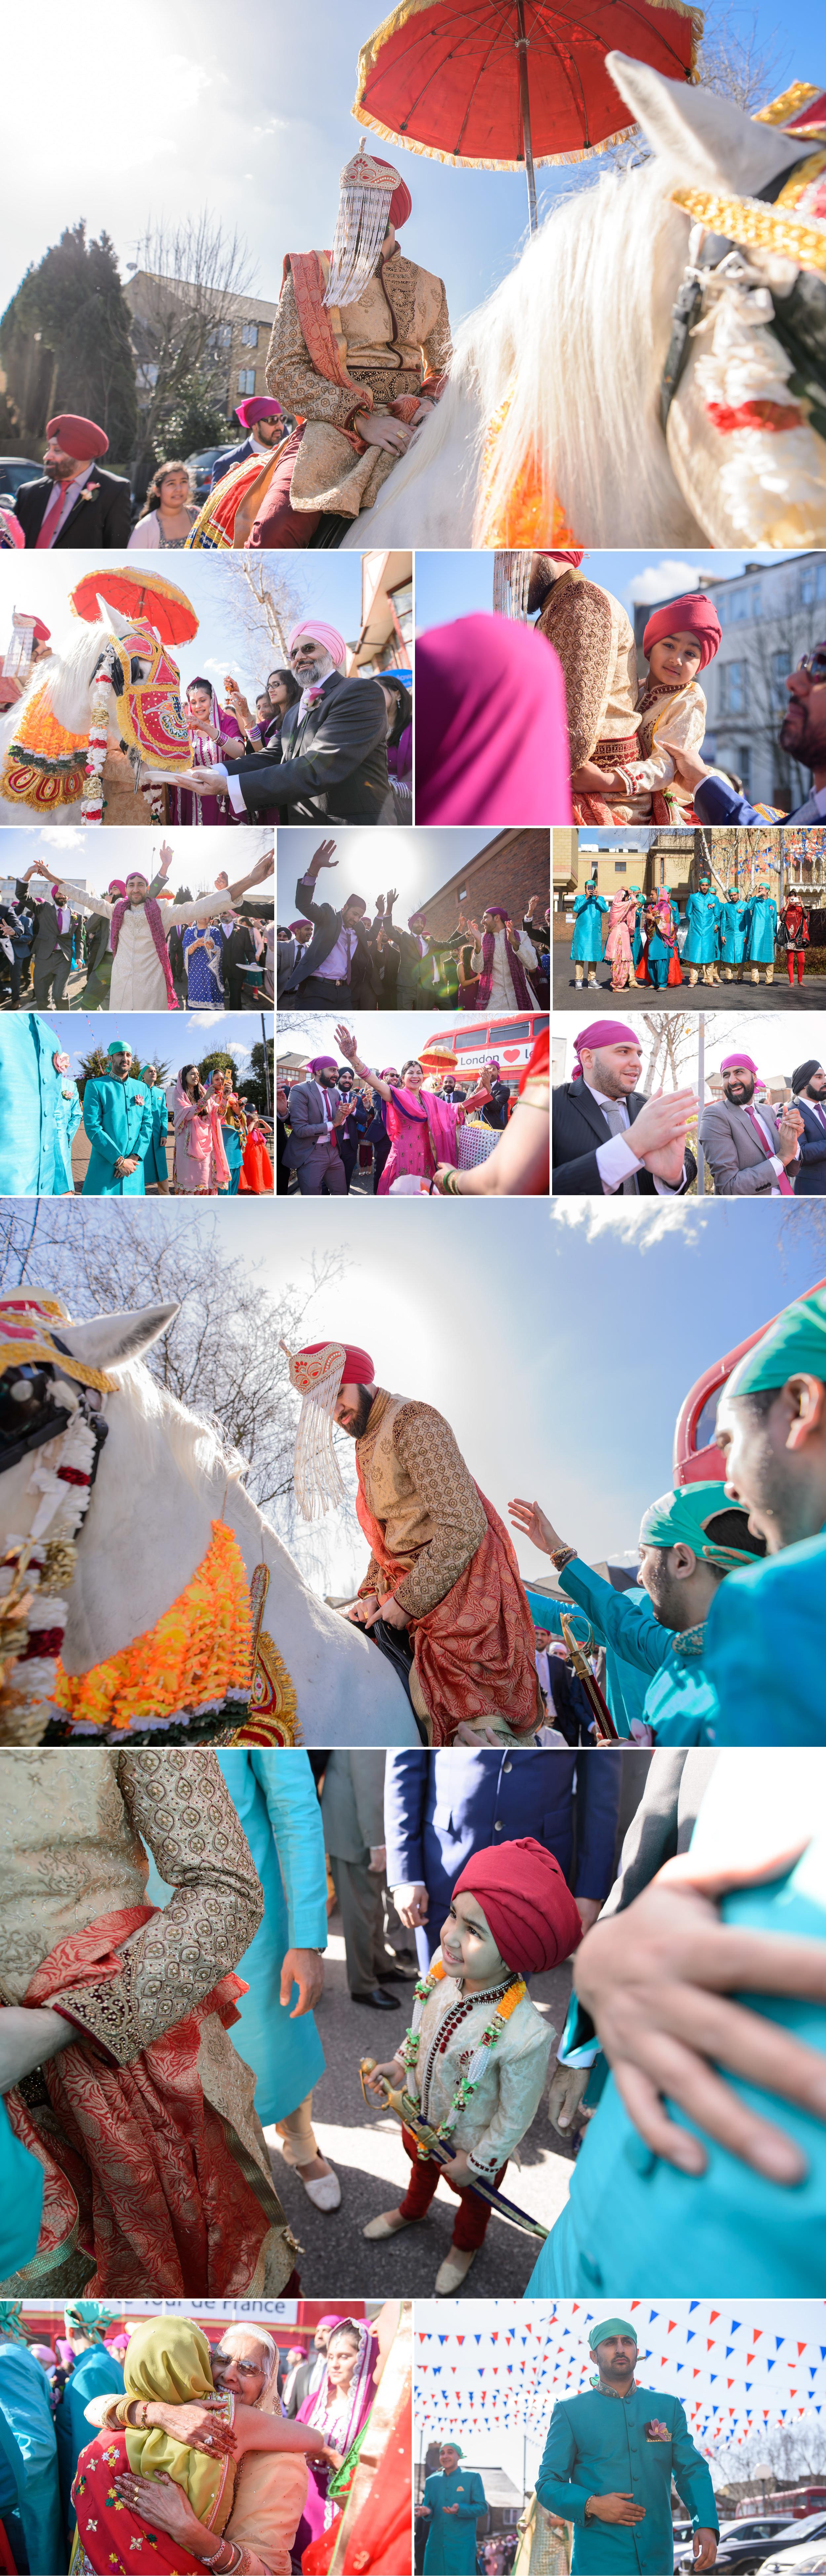 satnam photography sikh wedding ceremony alice way gurdwara london hounslow wedding photography-3